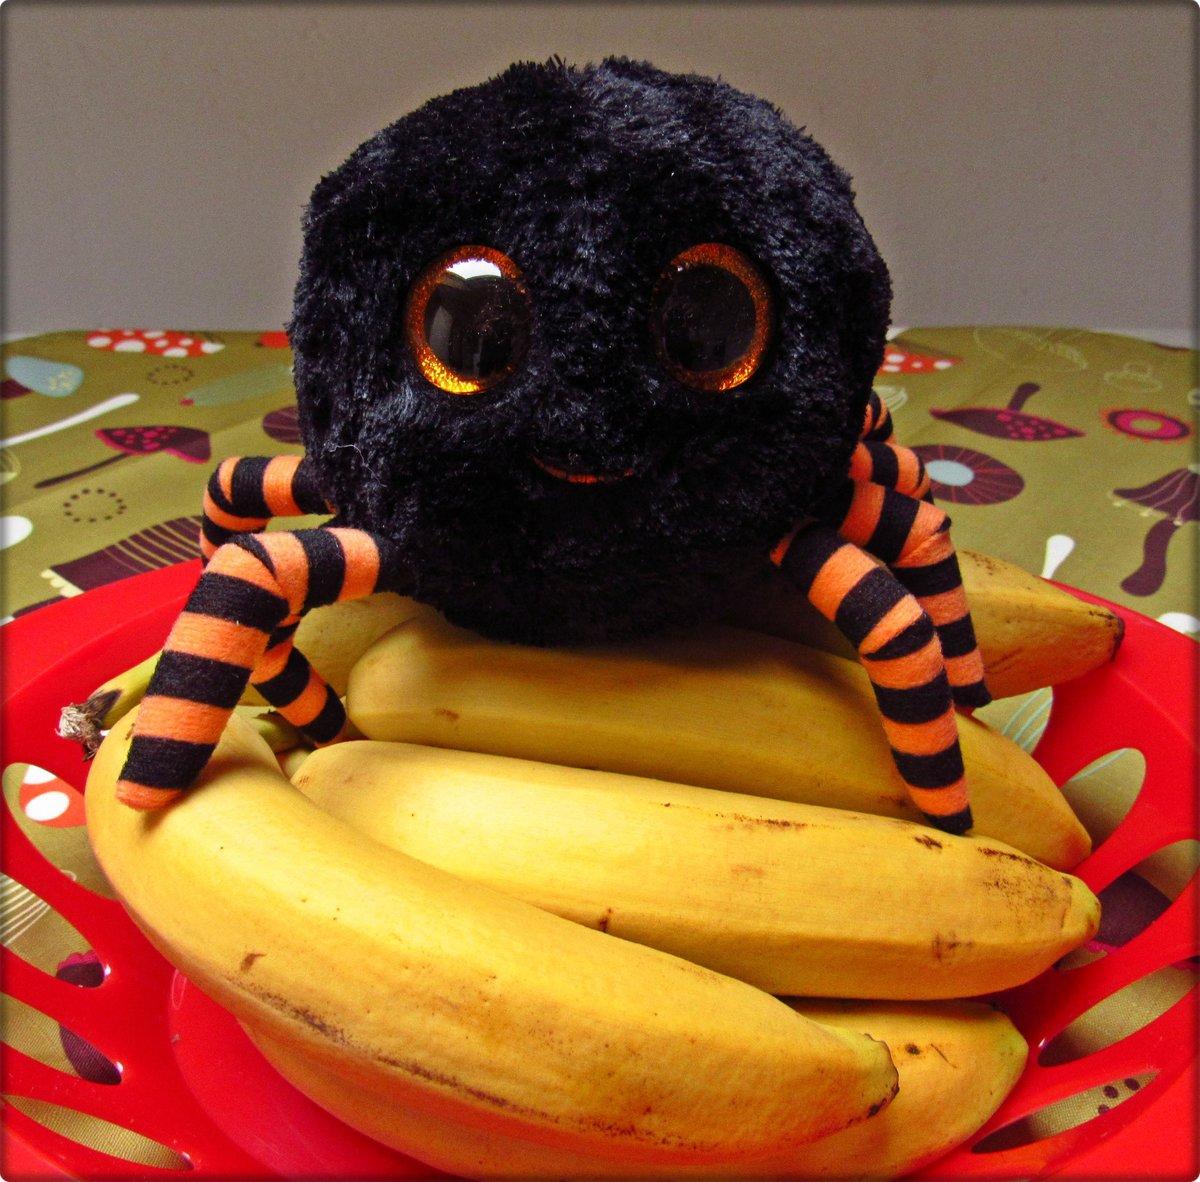 Geliebte Bananenspinnen, mit der Lizenz zum Töten - Mainstream-Panik im &NC_29